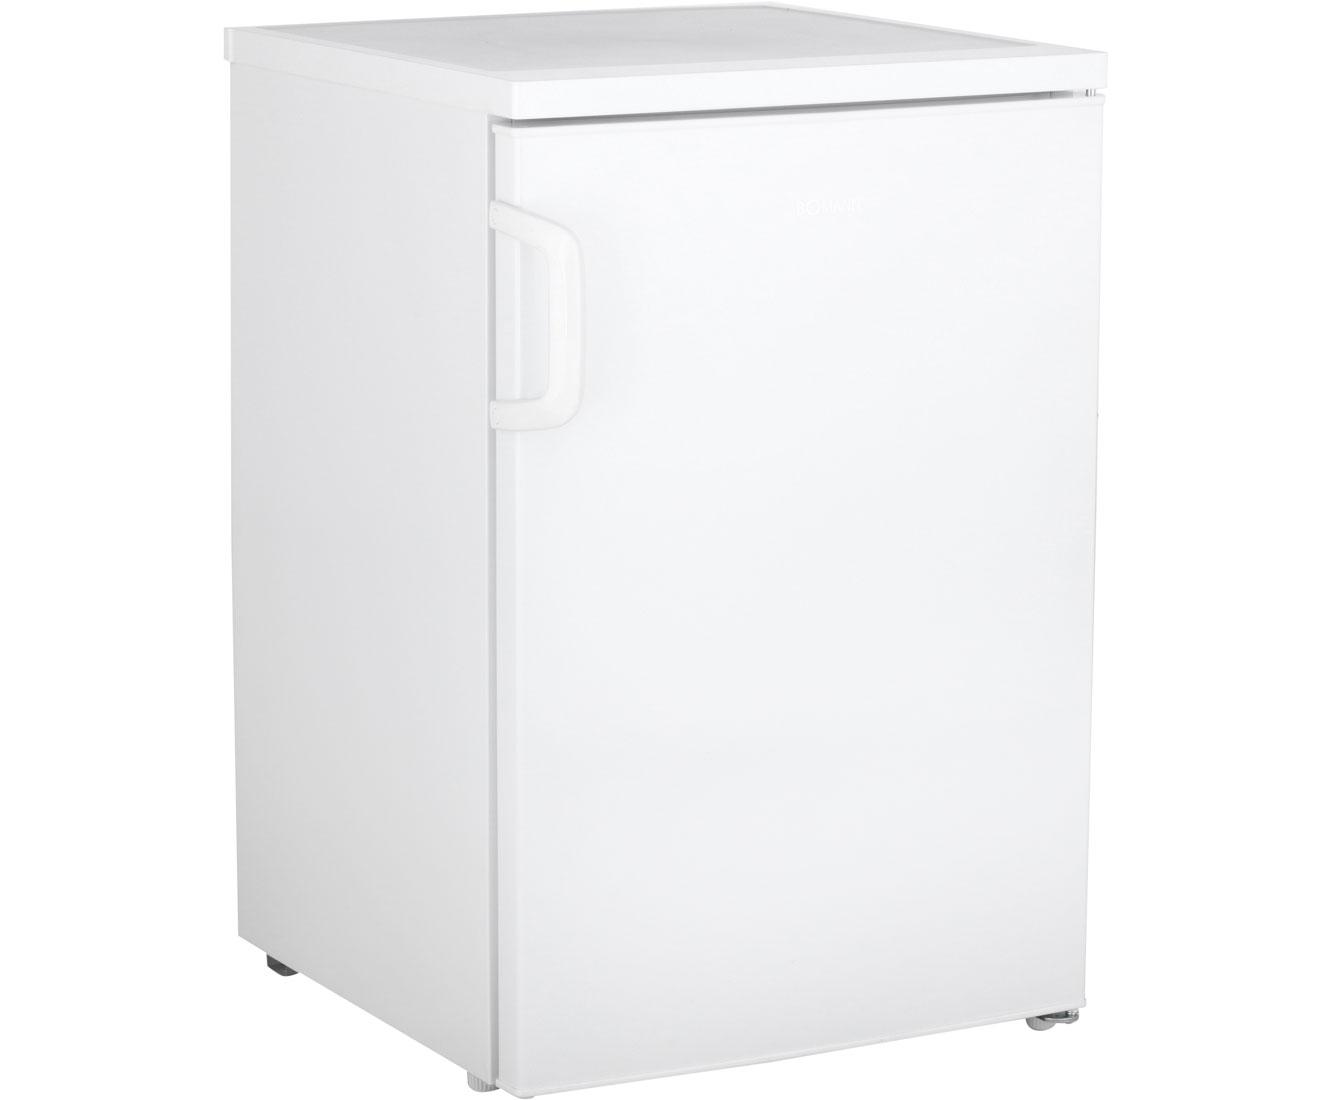 Amica Kühlschrank Made In : Kühlschrank neu amica uks 16157 kühlschrank unterbau 50cm weiss